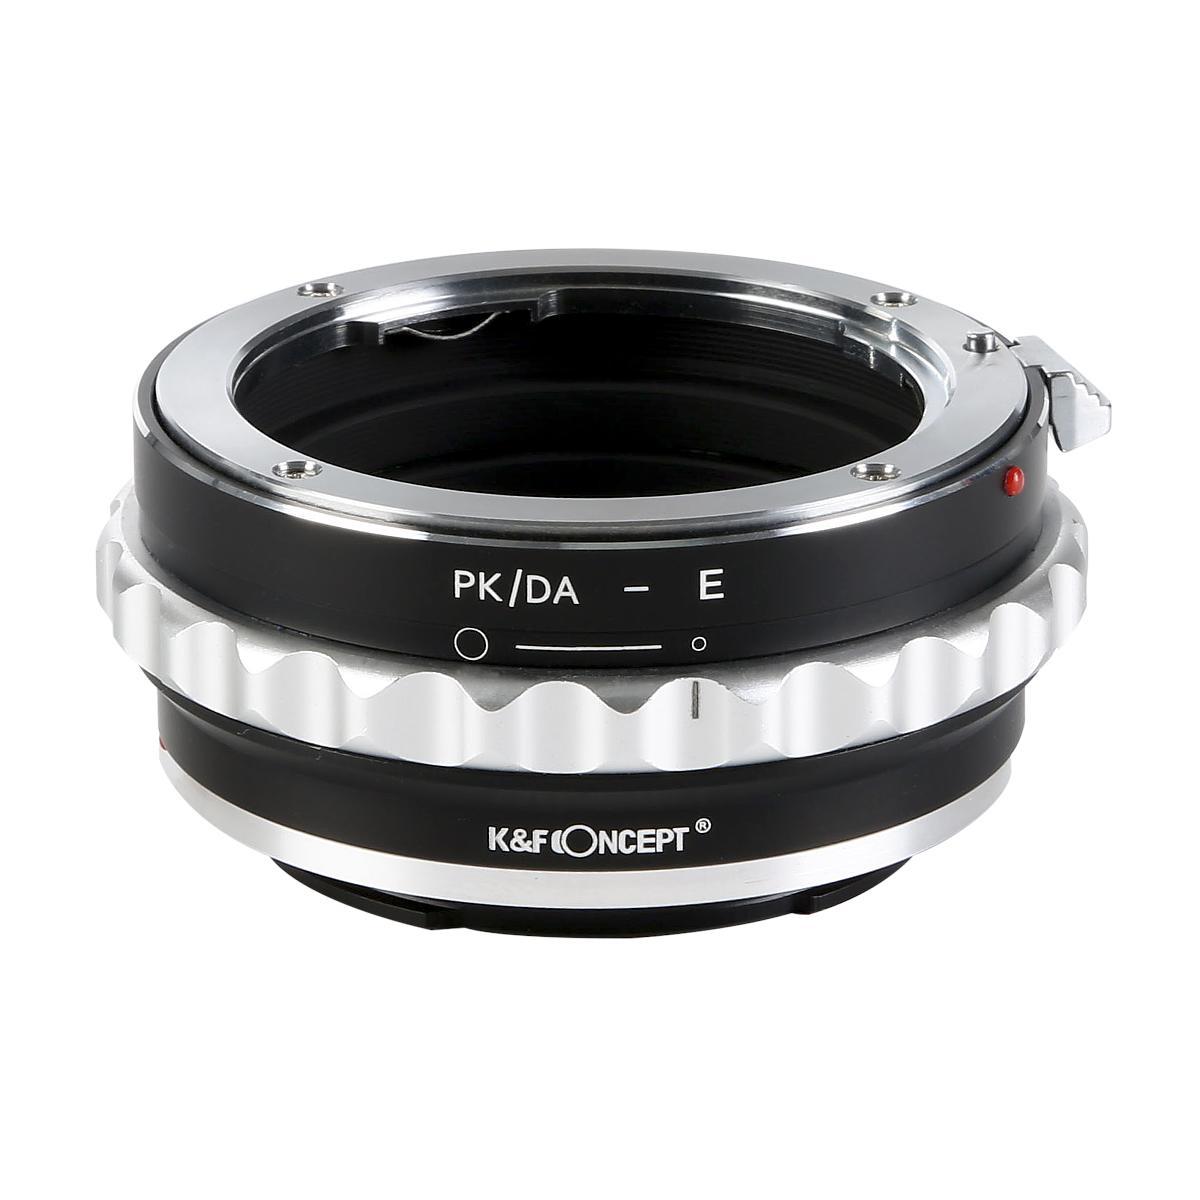 KF CONCEPT Concept レンズマウントアダプター KF-DAE ペンタックスKマウント ソニーEマウント変換 DAレンズ対応 レンズ 注目ブランド 新色追加 → 絞りリング付き